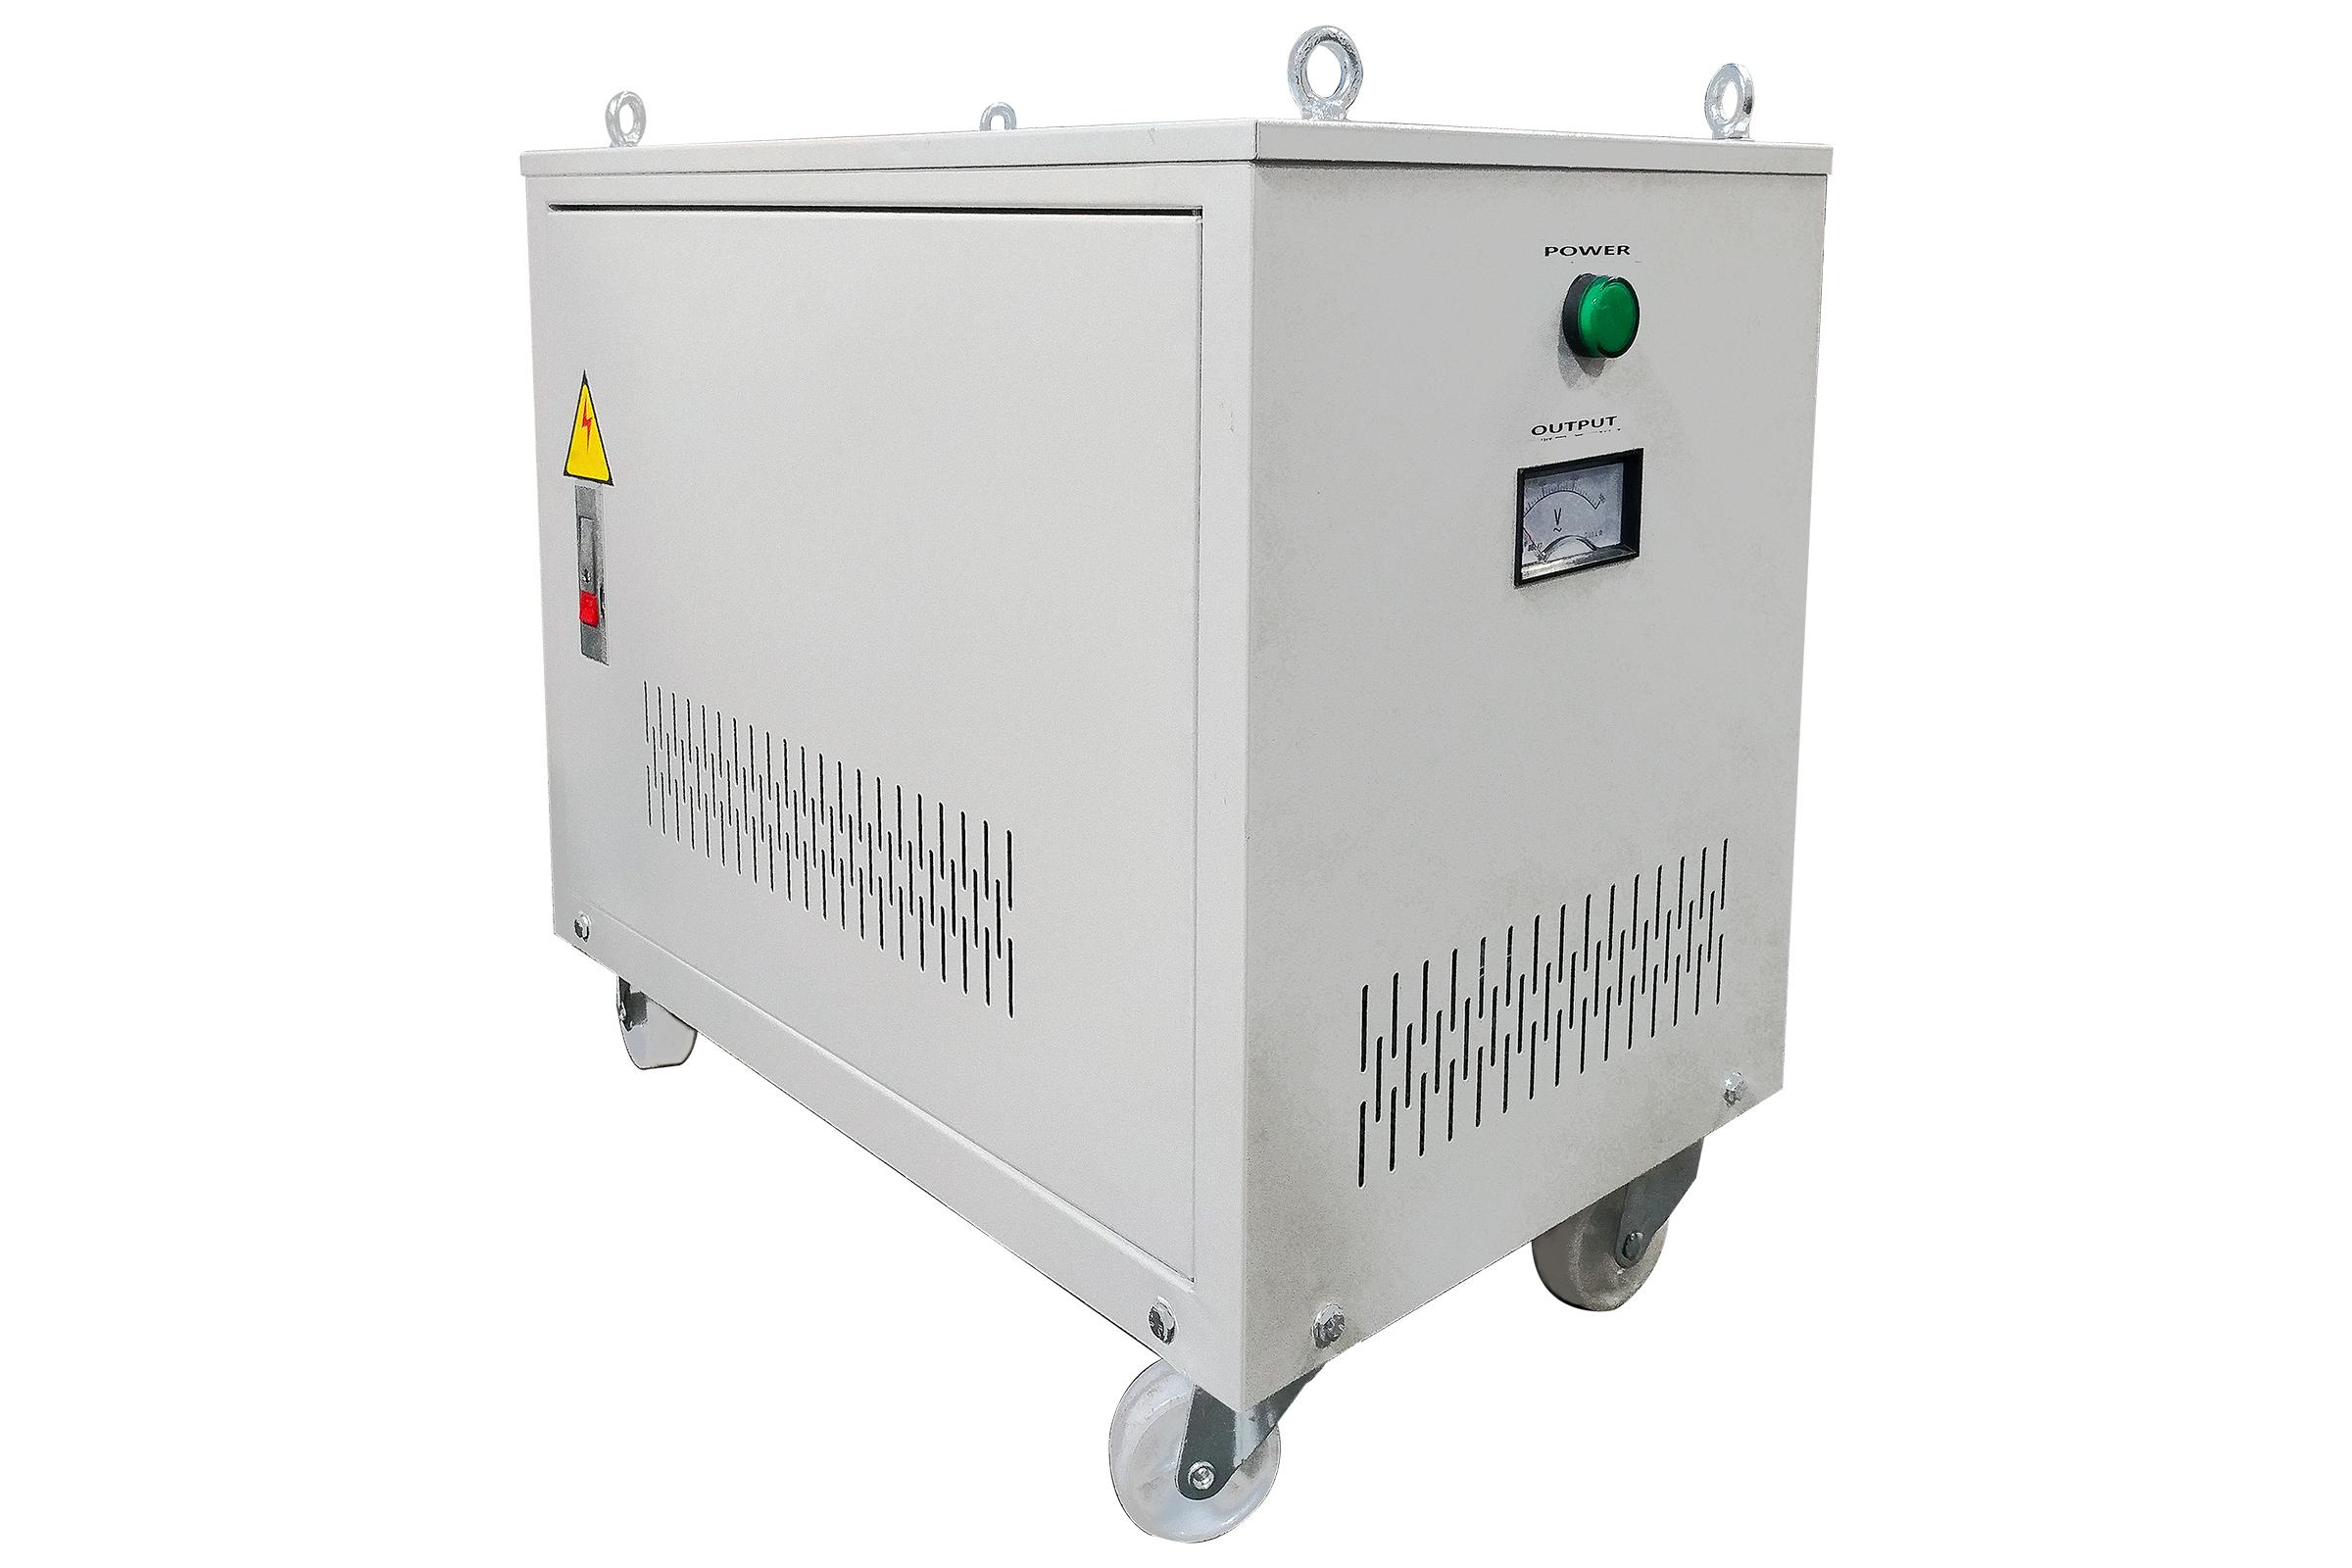 3 Phase Transformer 380V to 220V - EQ-SBK-10KVA